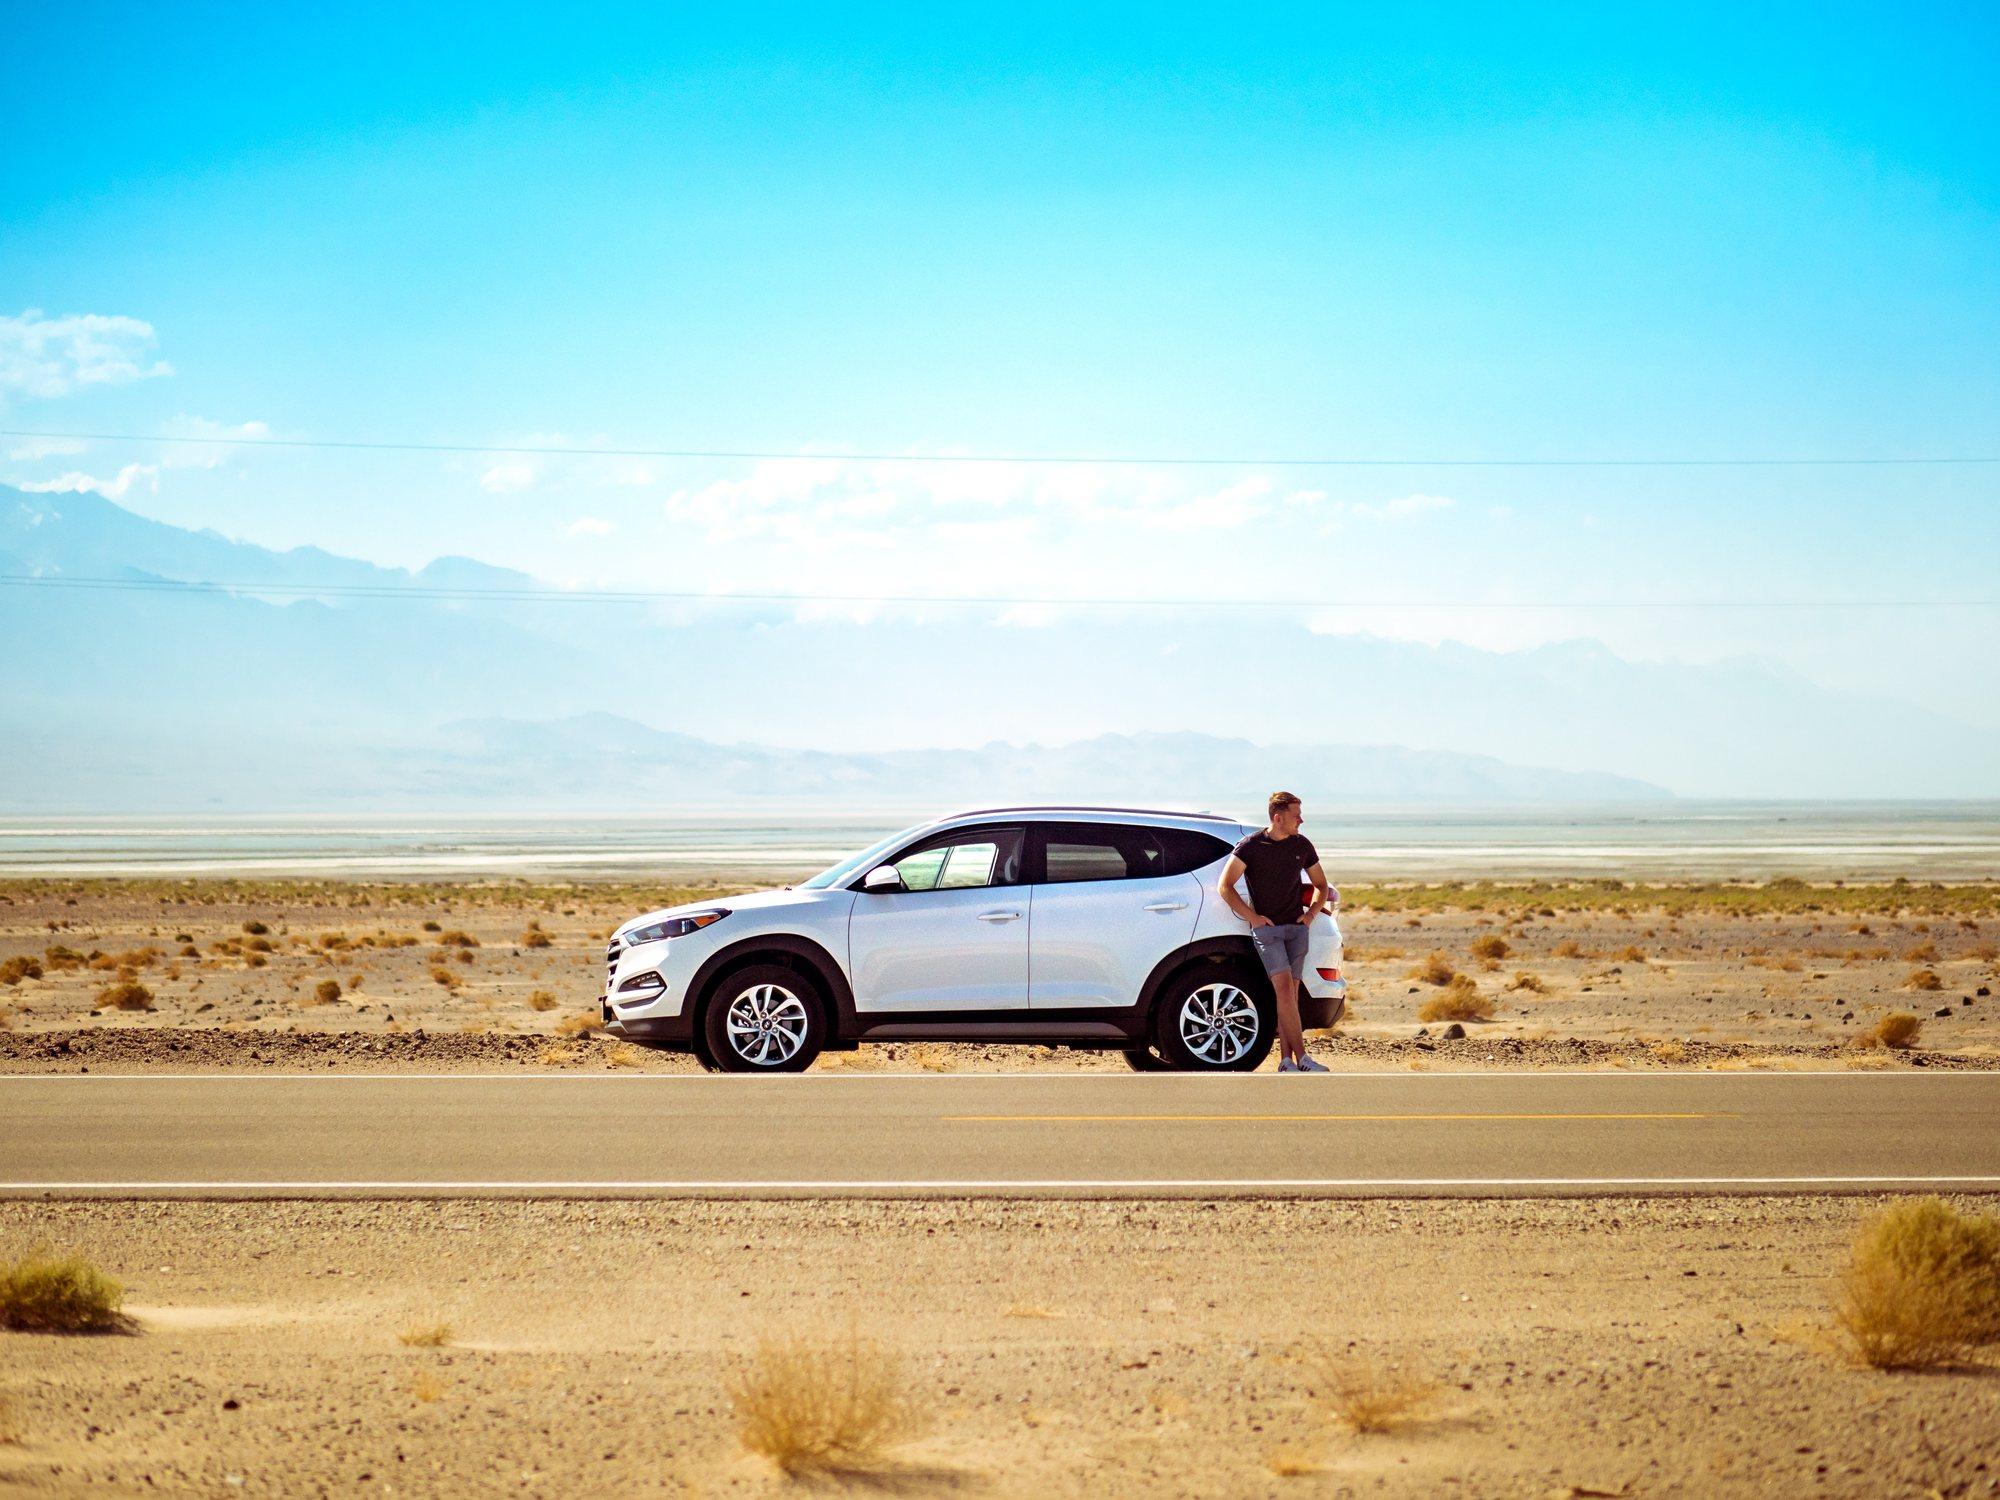 Départ en vacances: c'est le bon moment pour faire un diagnostic de votre automobile avant de partir